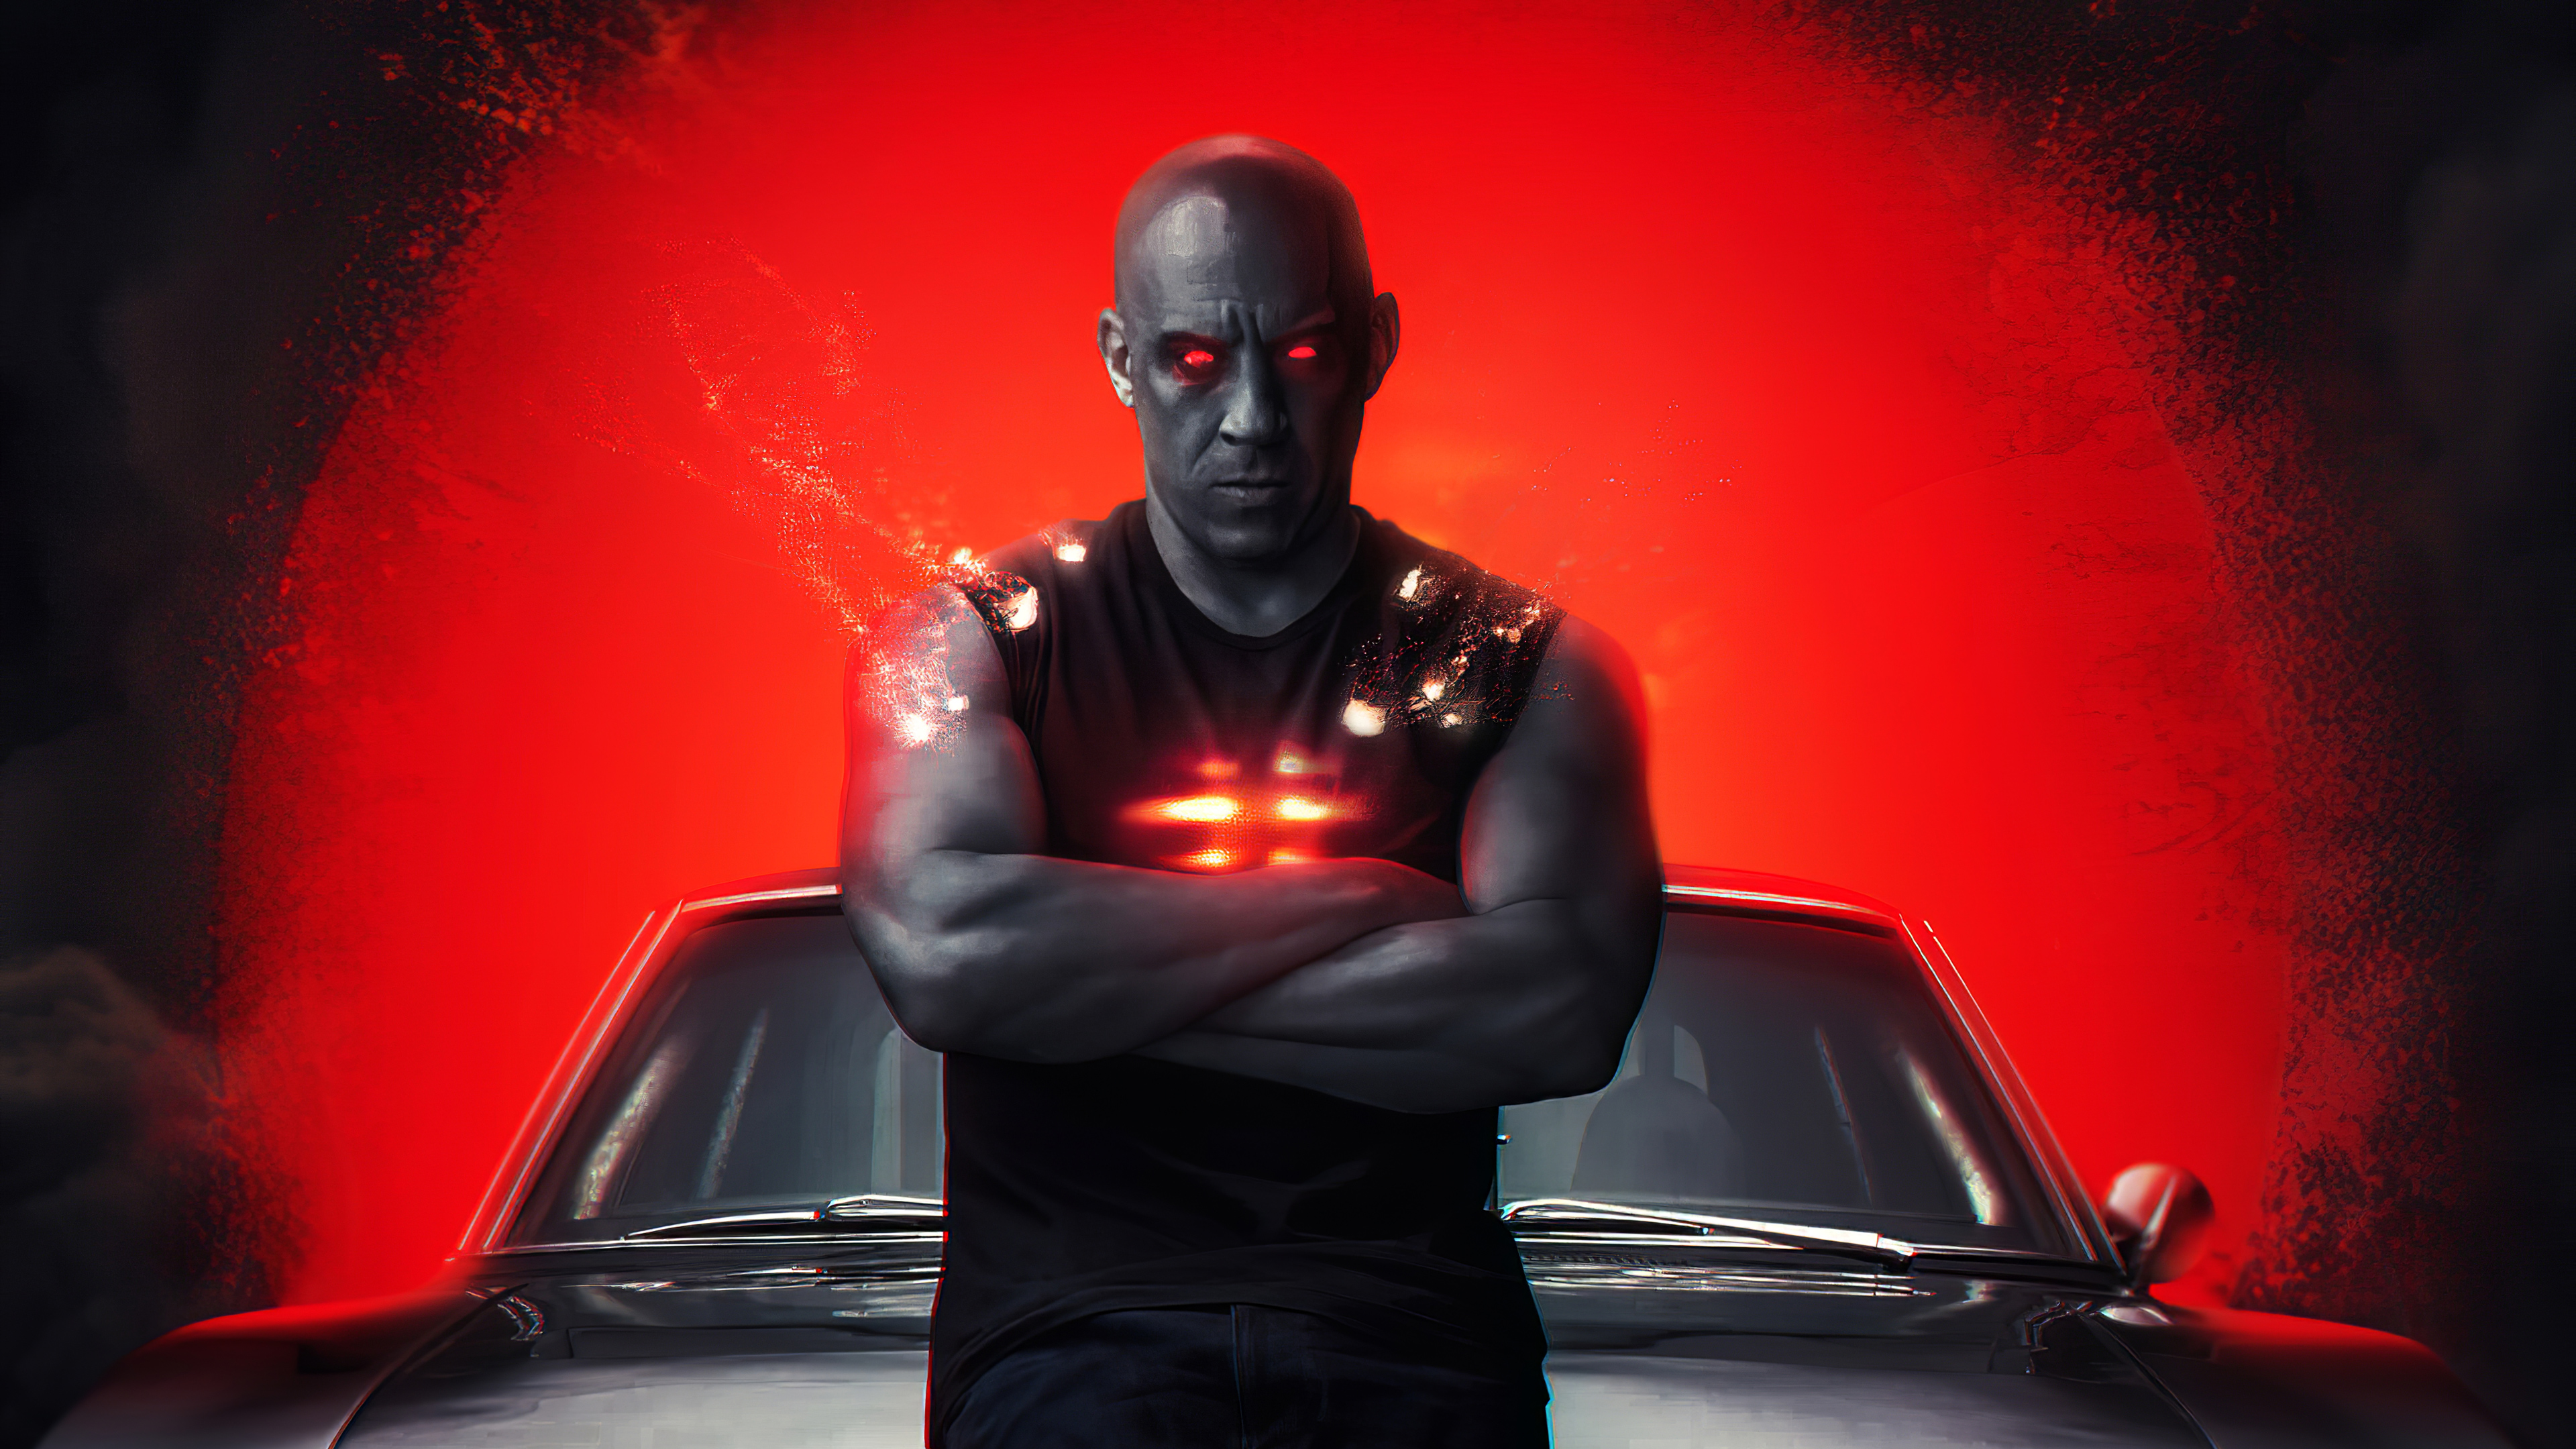 Fondos de pantalla Vin Diesel de Rápidos y furiosos